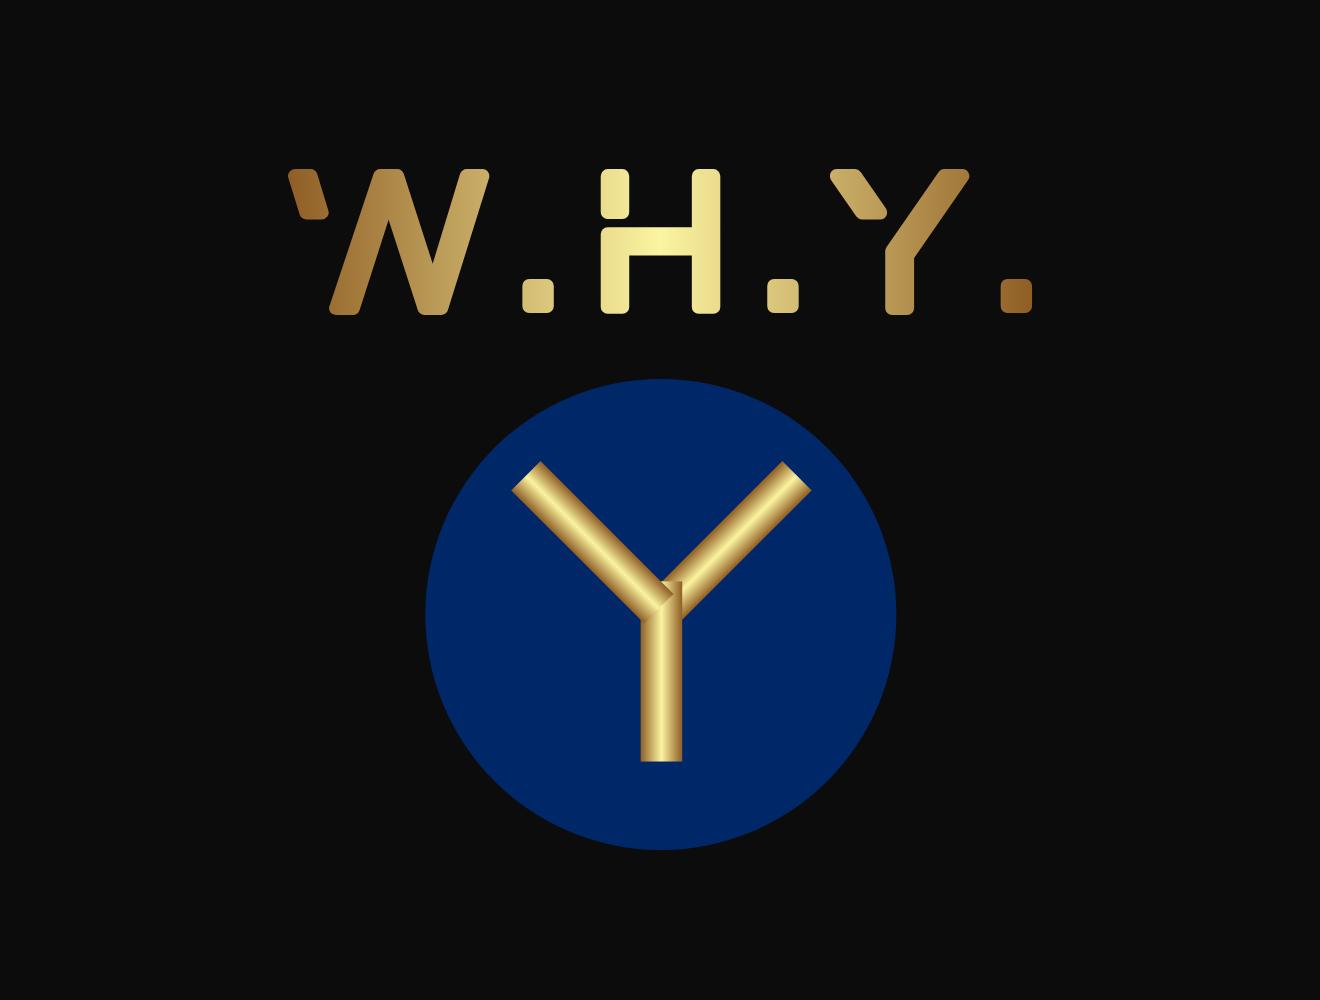 WHY Y BLACK GOLD